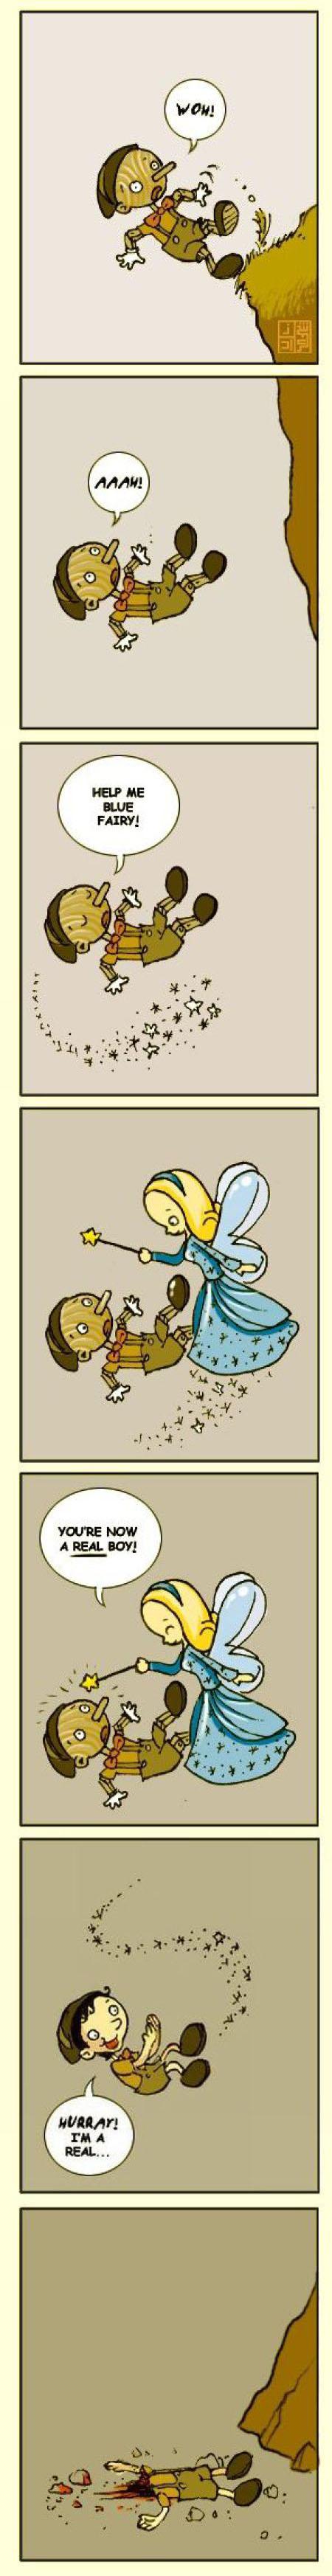 Pinocchio fail : Pinocchio a mal choisi son moment pour devenir un vrai petit garcon ...